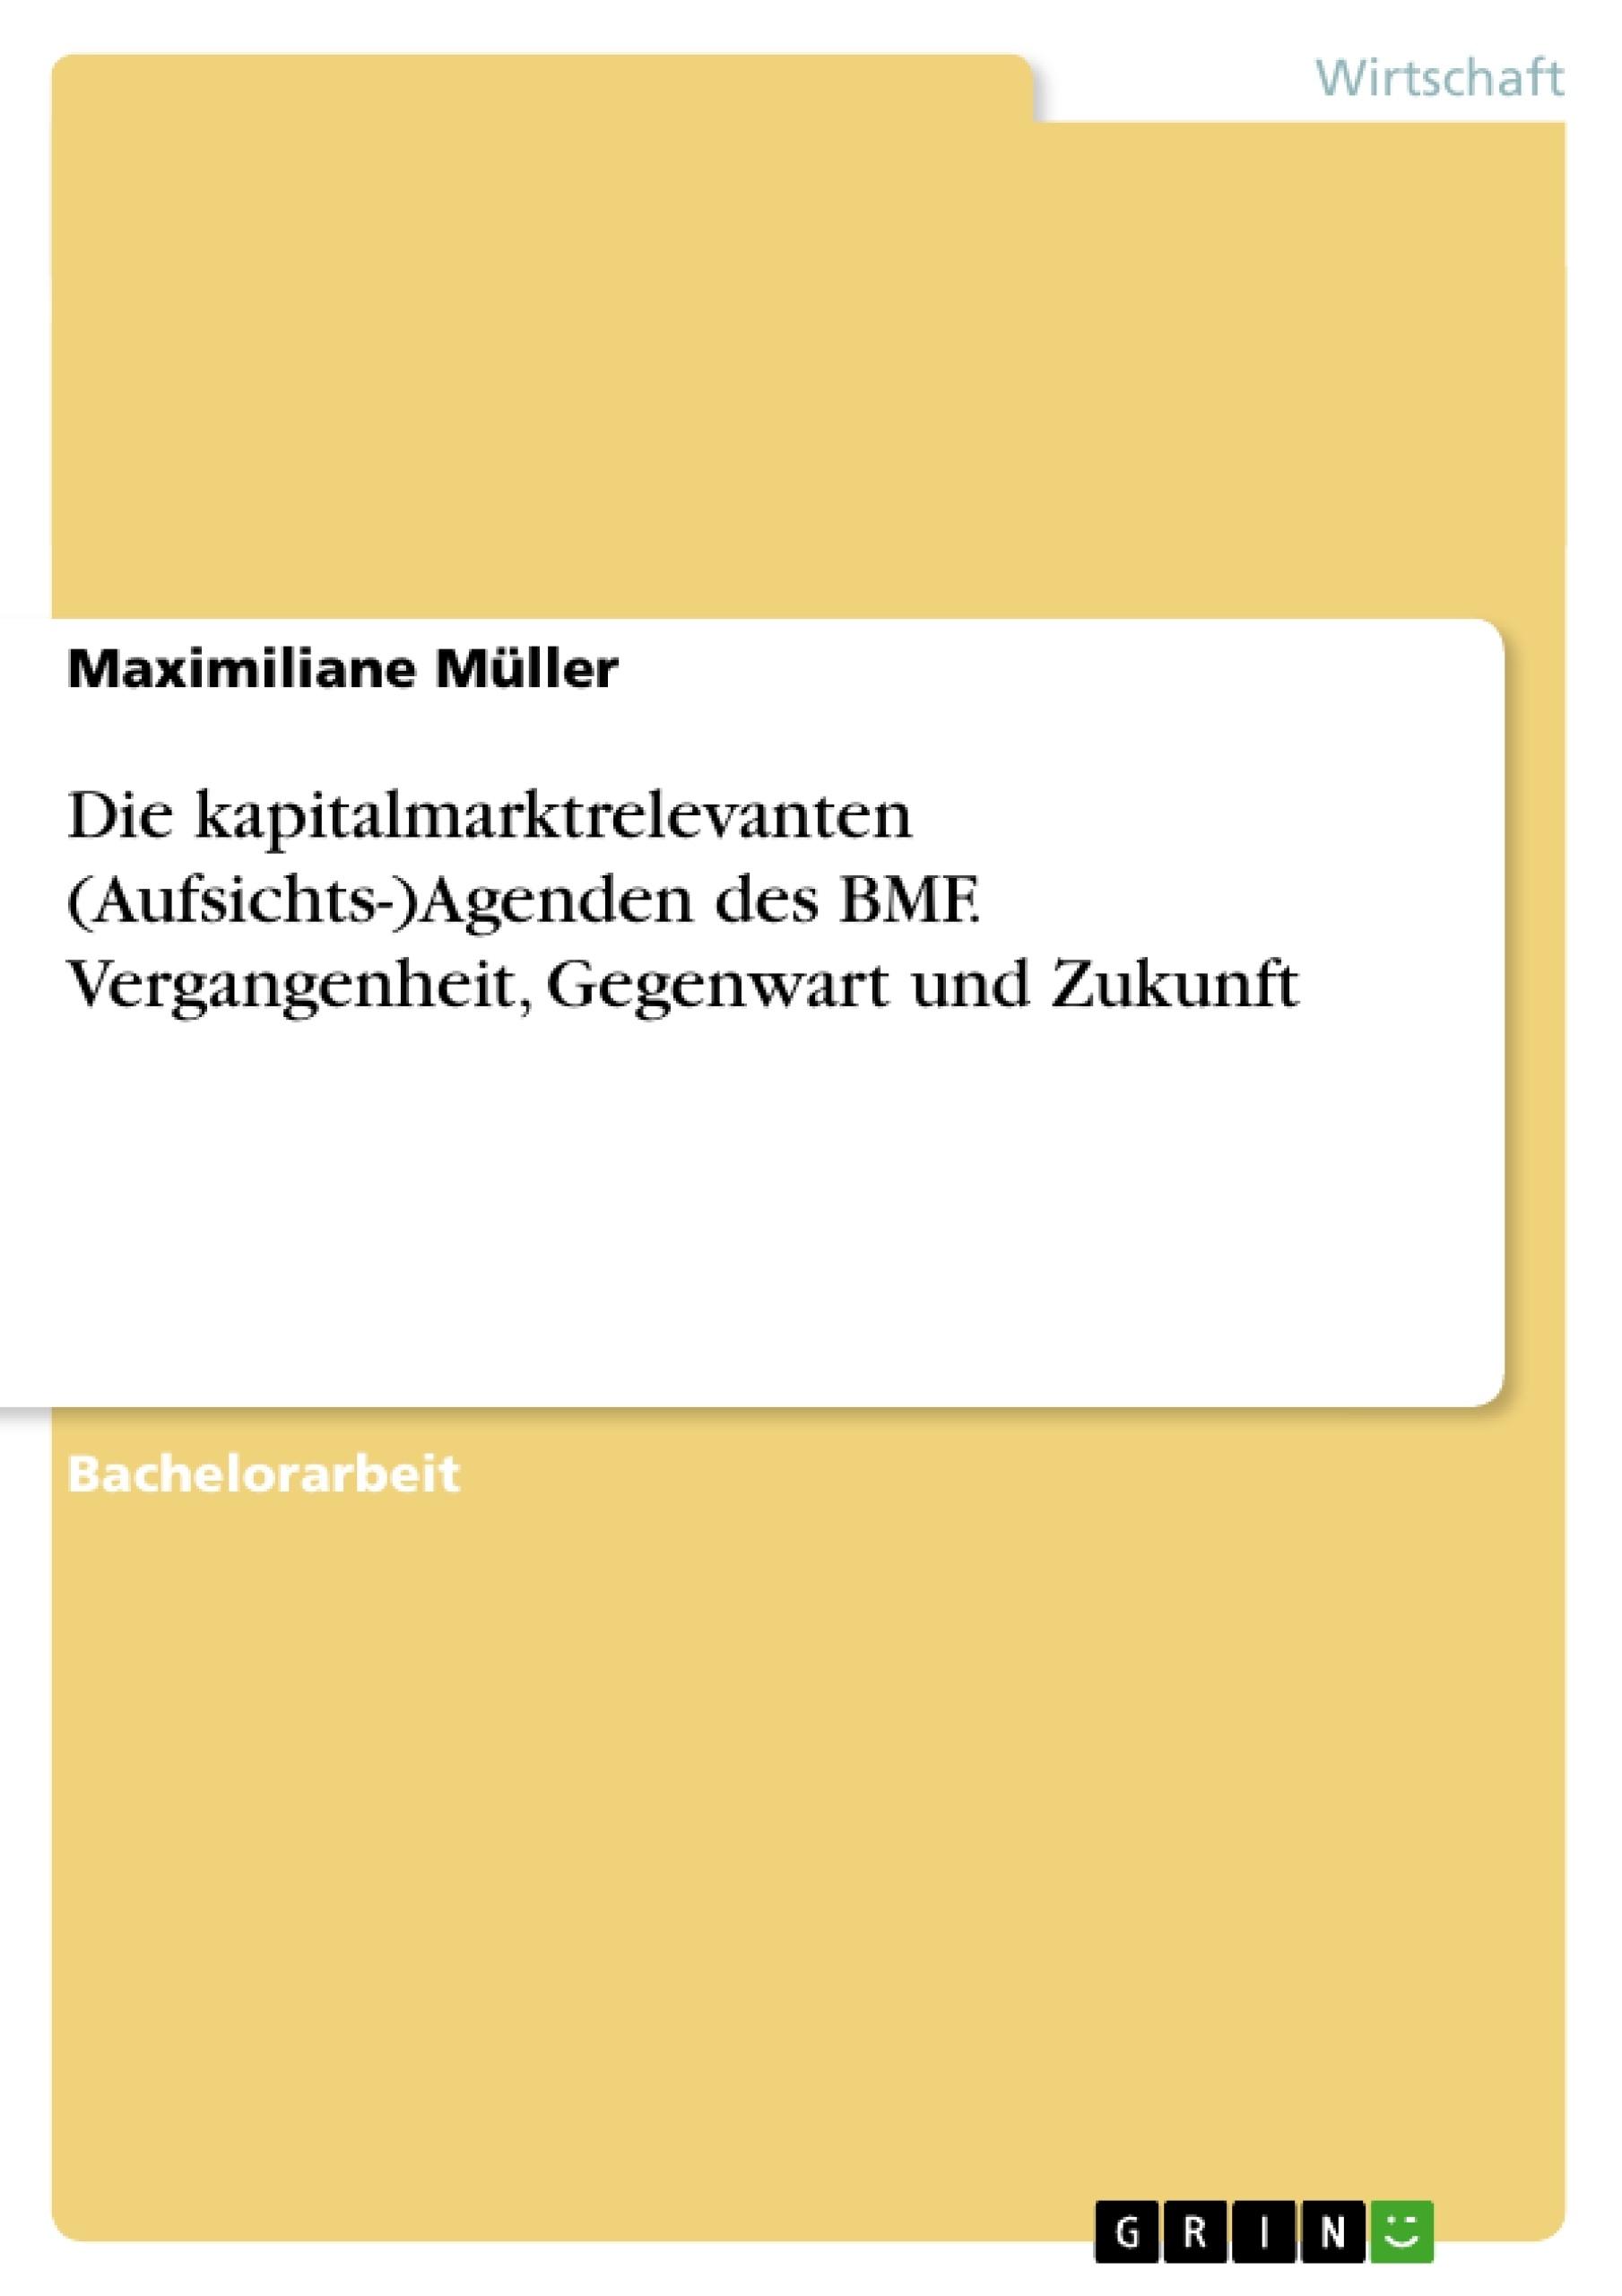 Titel: Die kapitalmarktrelevanten (Aufsichts-)Agenden des BMF. Vergangenheit, Gegenwart und Zukunft